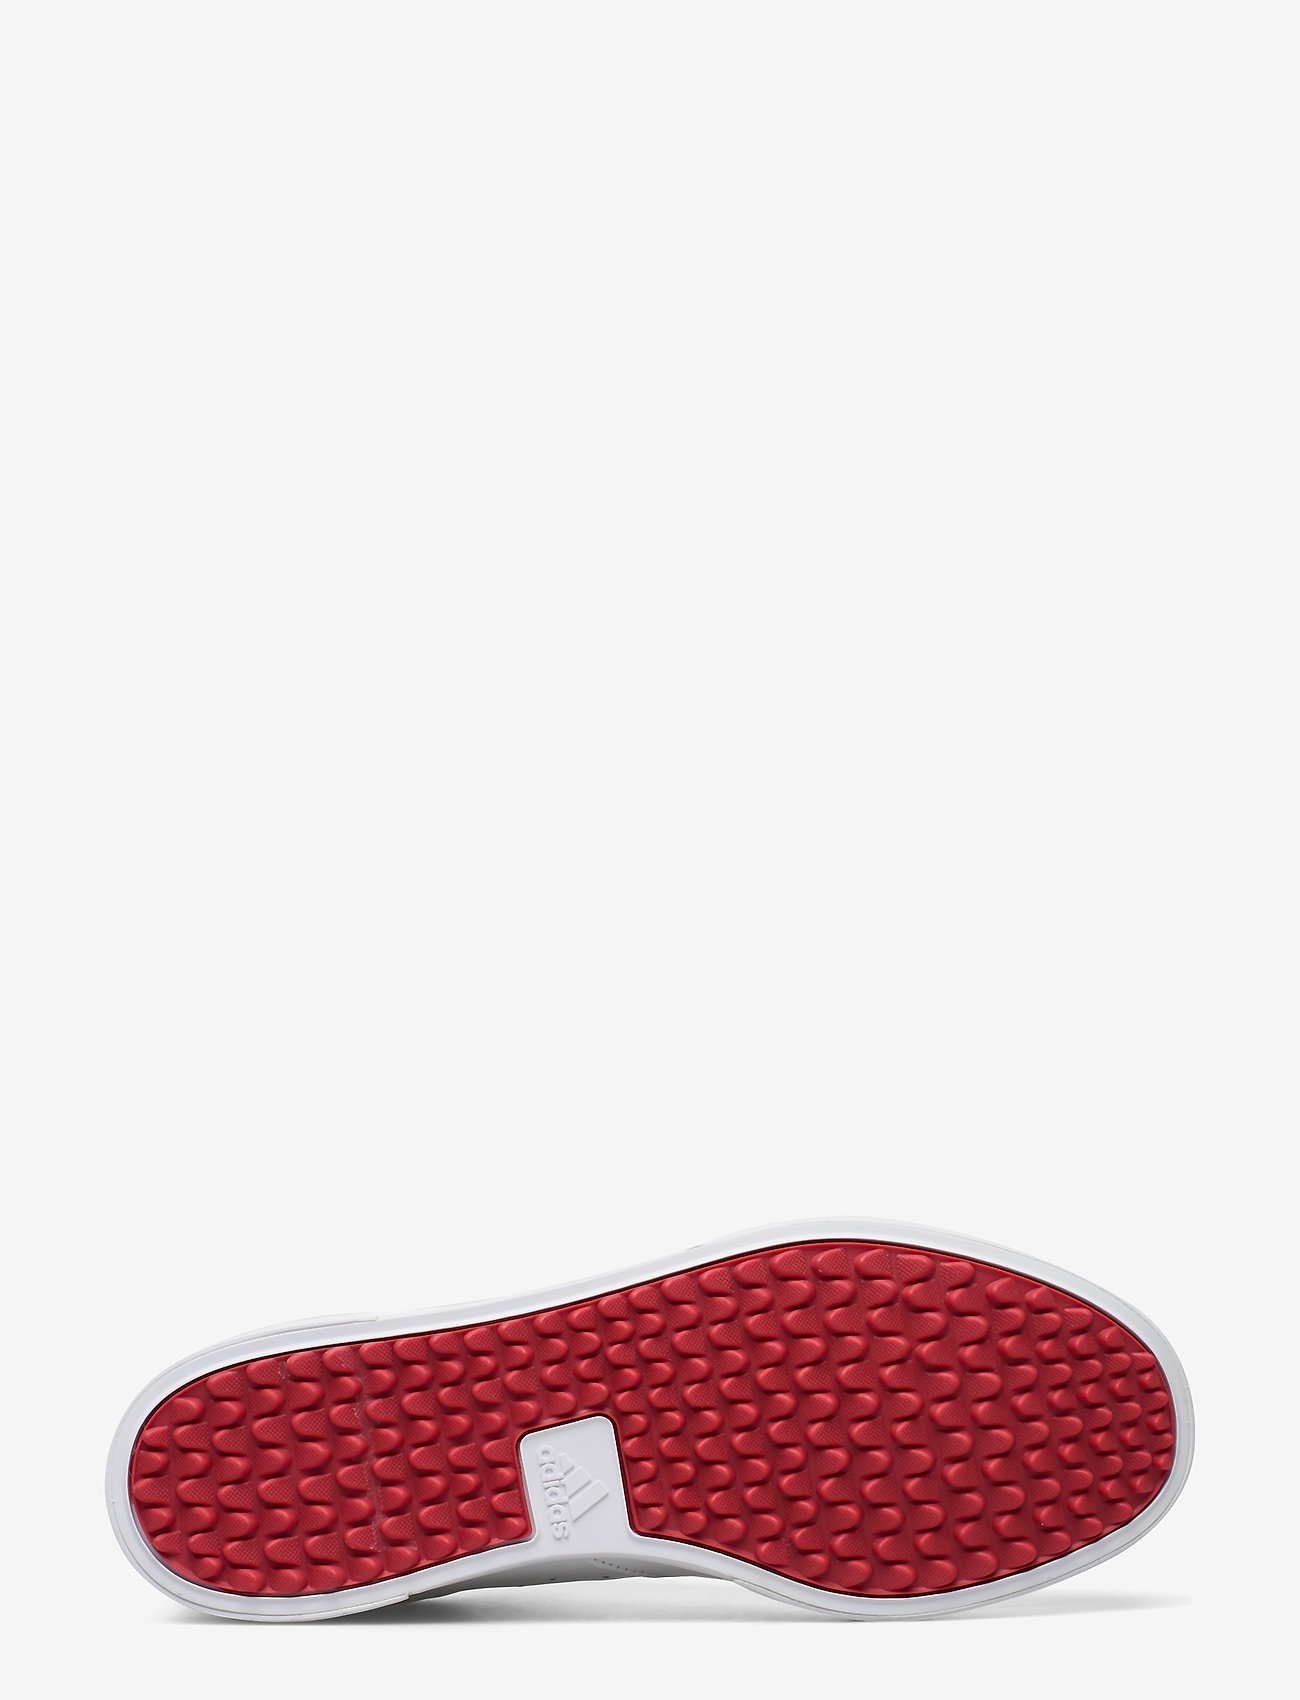 Adicross Retro (Ftwwht/silvmt/tecind) - adidas Golf